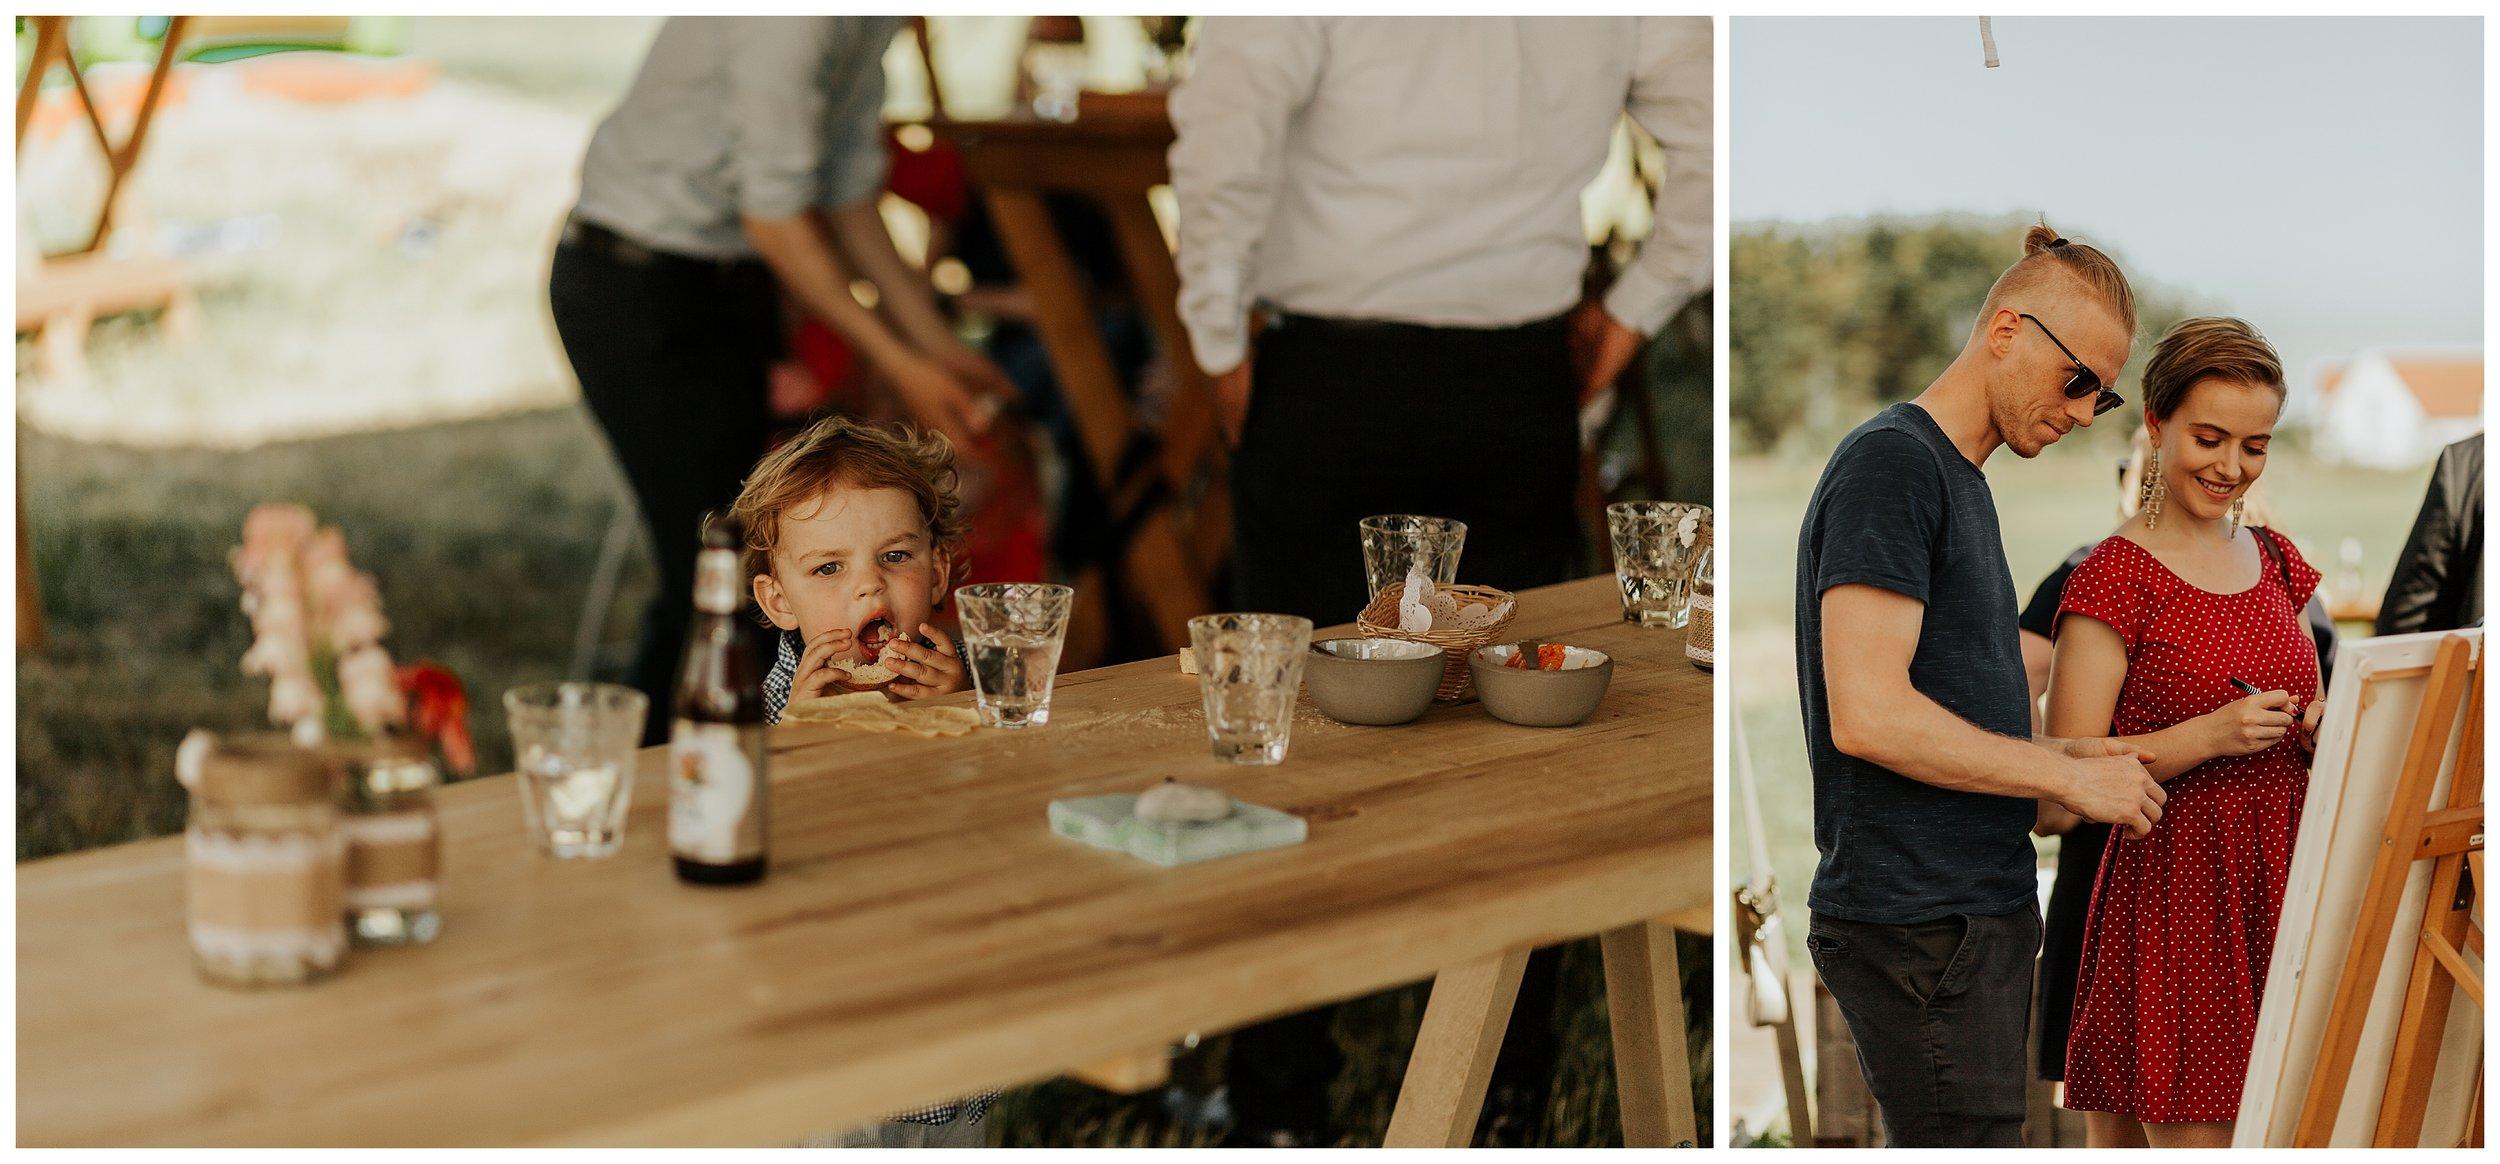 huwelijksfotograaf-huwelijksfotografie-knokke-heist-lisa-helsen-photography-trouwfotograaf-trouwfoto-sabine-pieter_0015.jpg